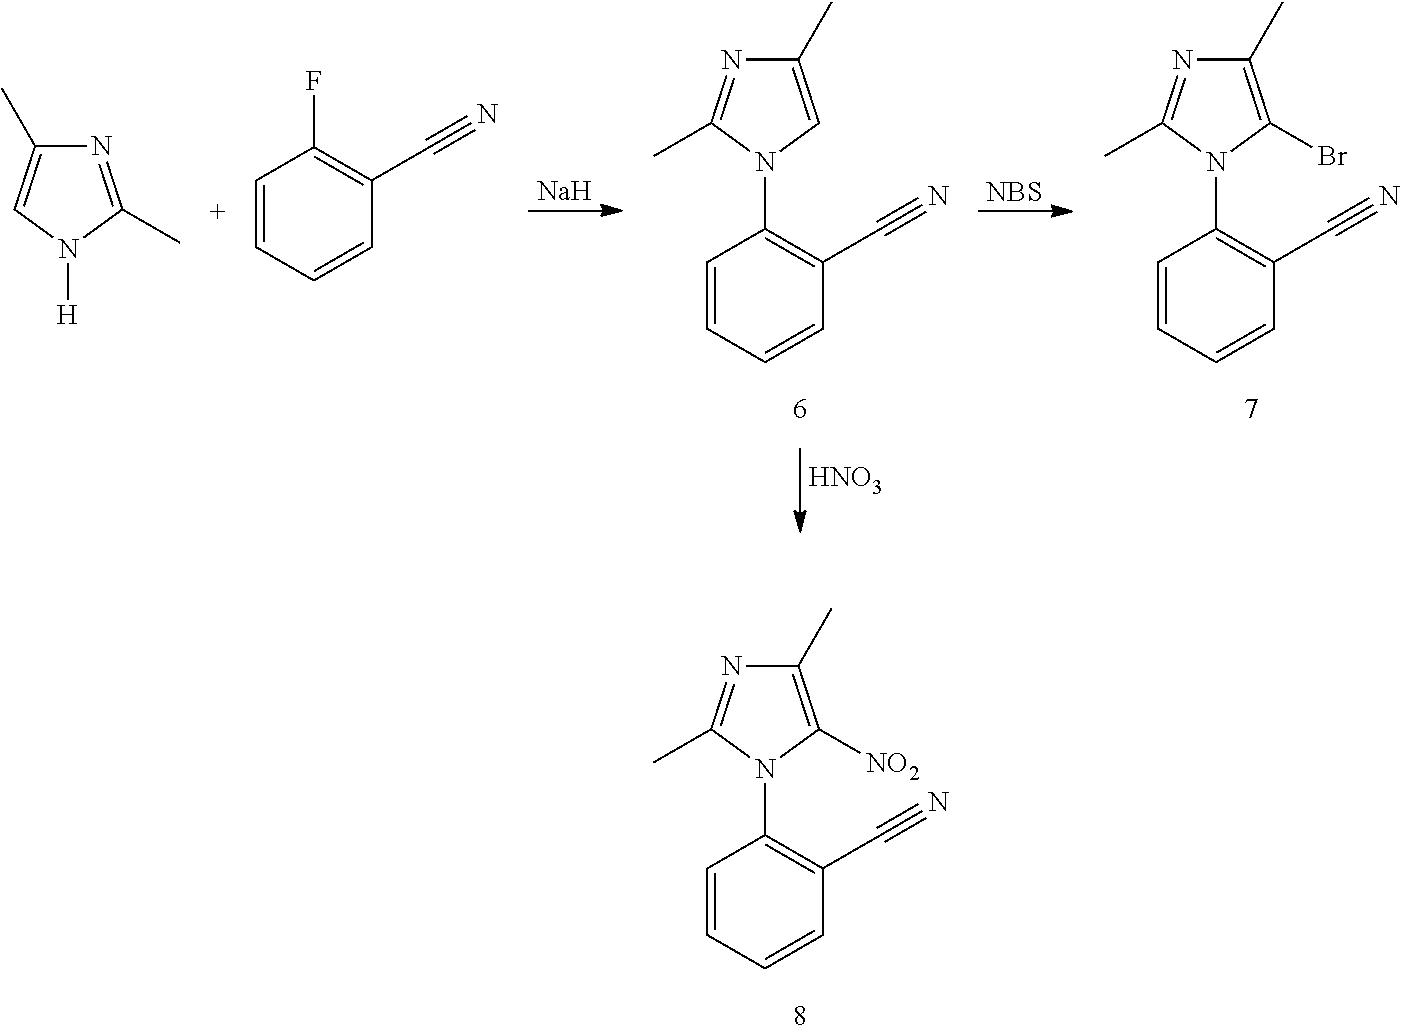 Figure US20110073849A1-20110331-C00167